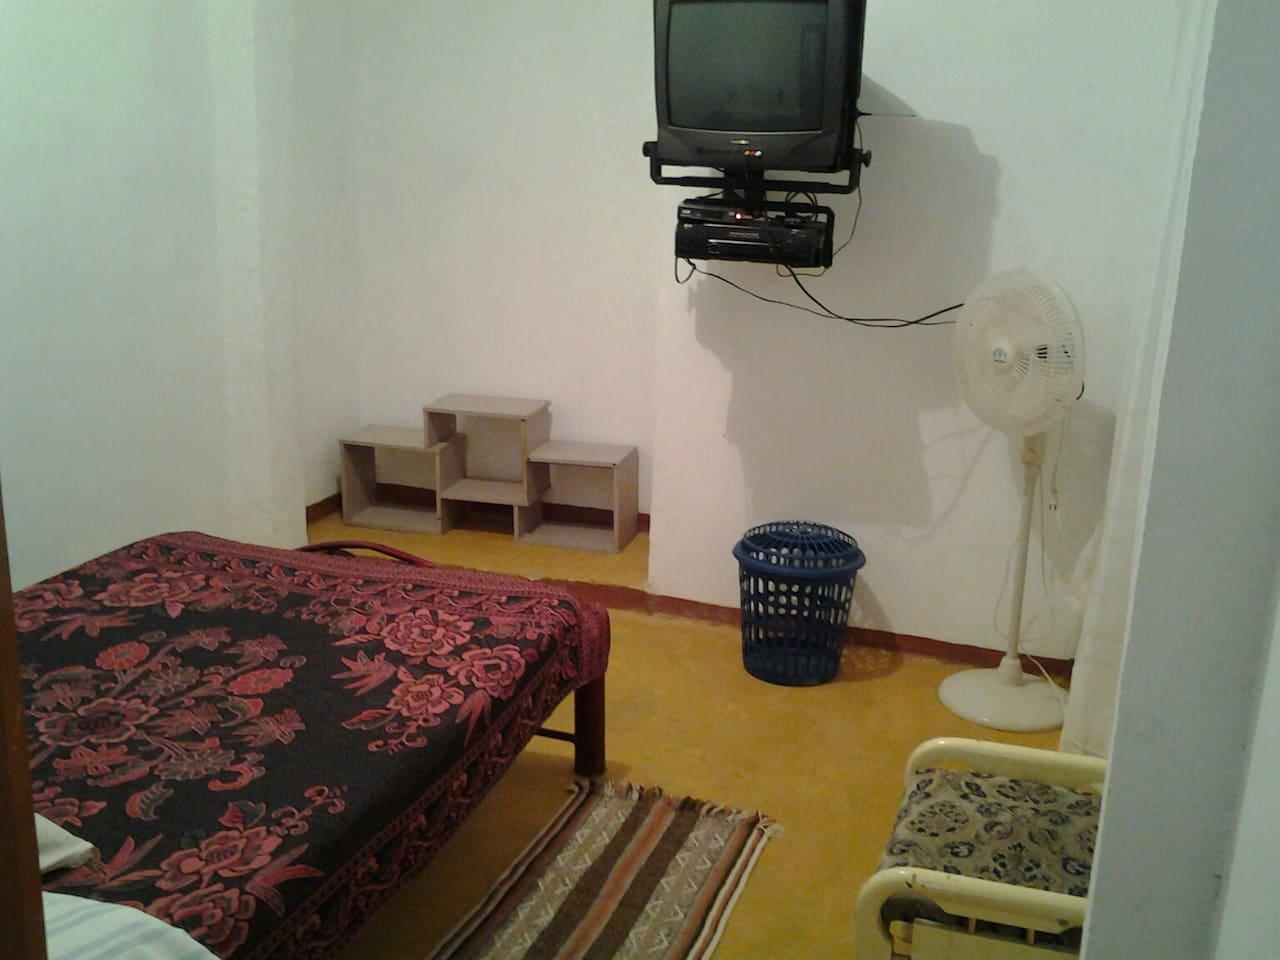 Habitación N° 1 - Principal - cama doble con televisión y ventilador